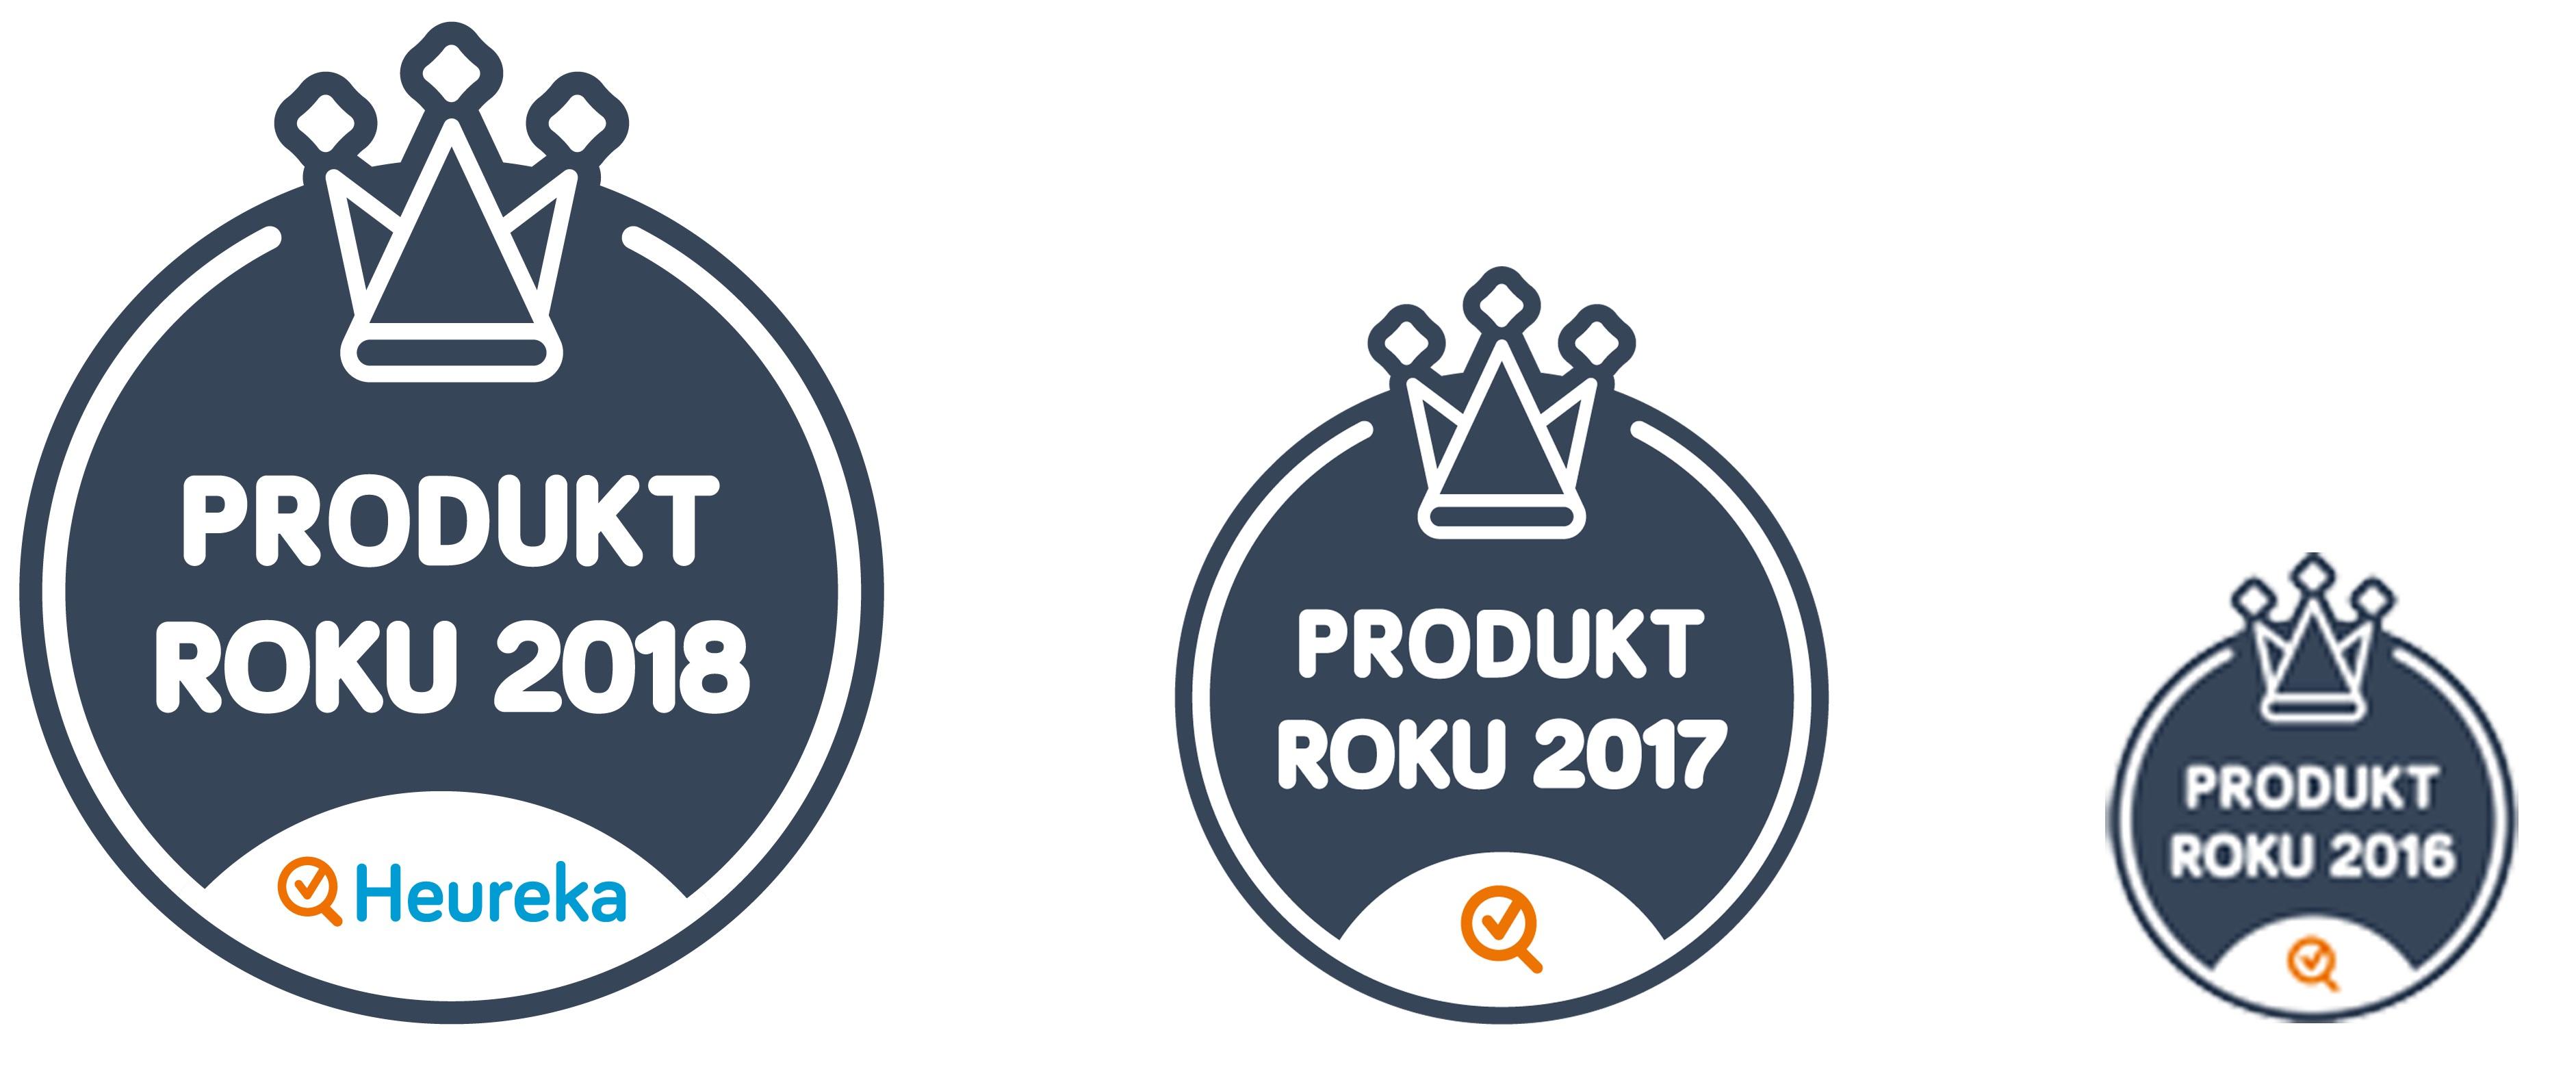 Produkt roku 2018, 2017,2016